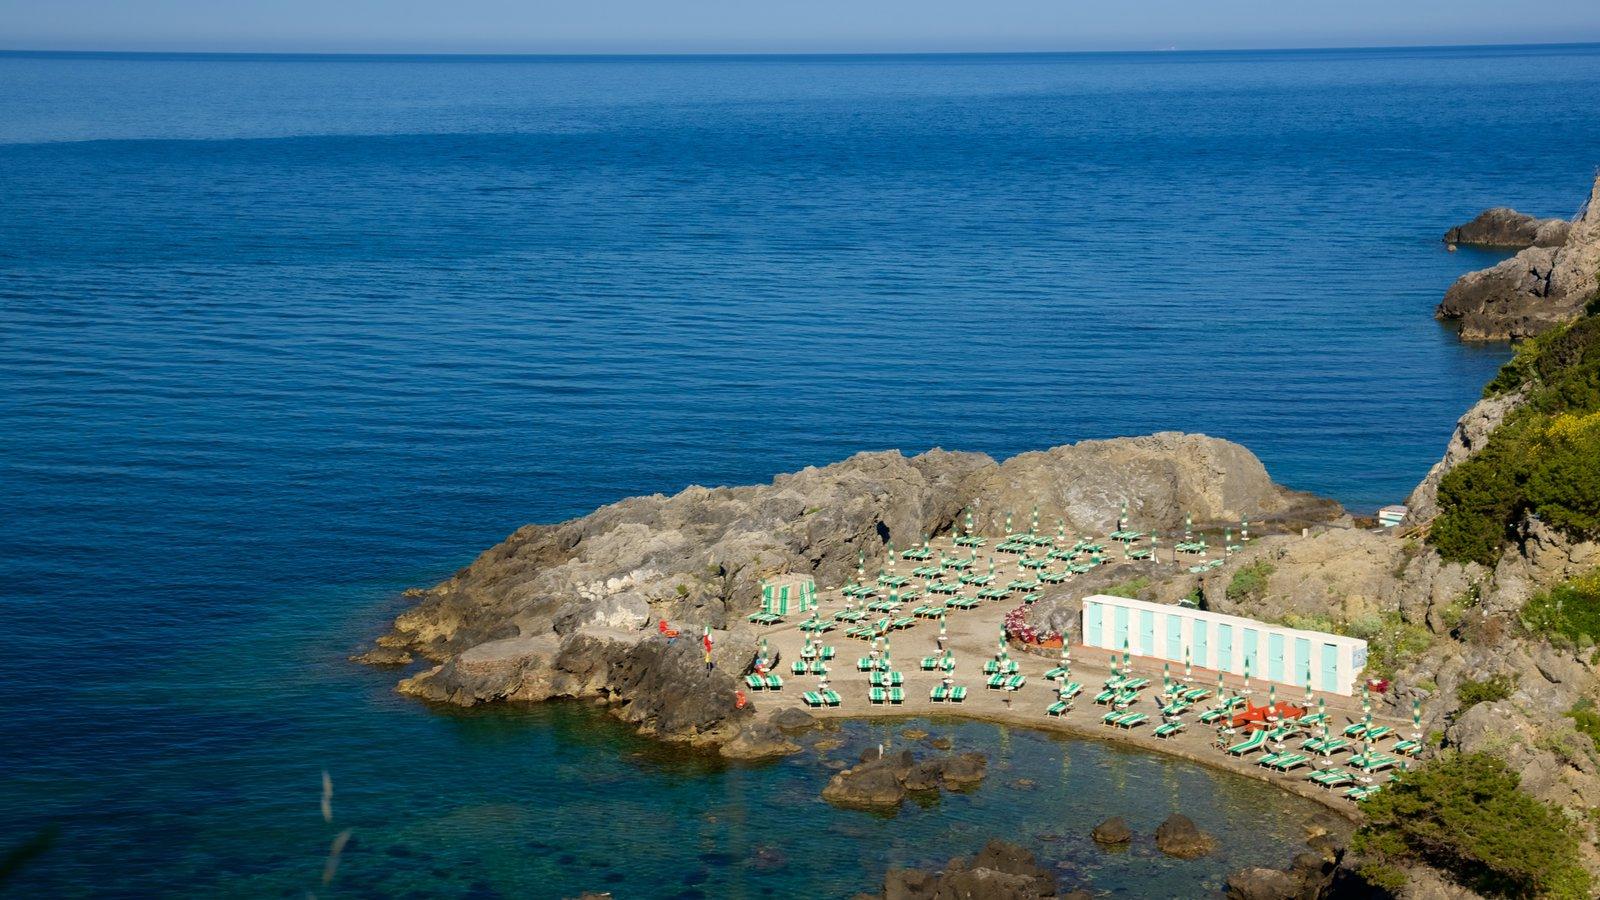 Talamone que inclui paisagens litorâneas e litoral acidentado